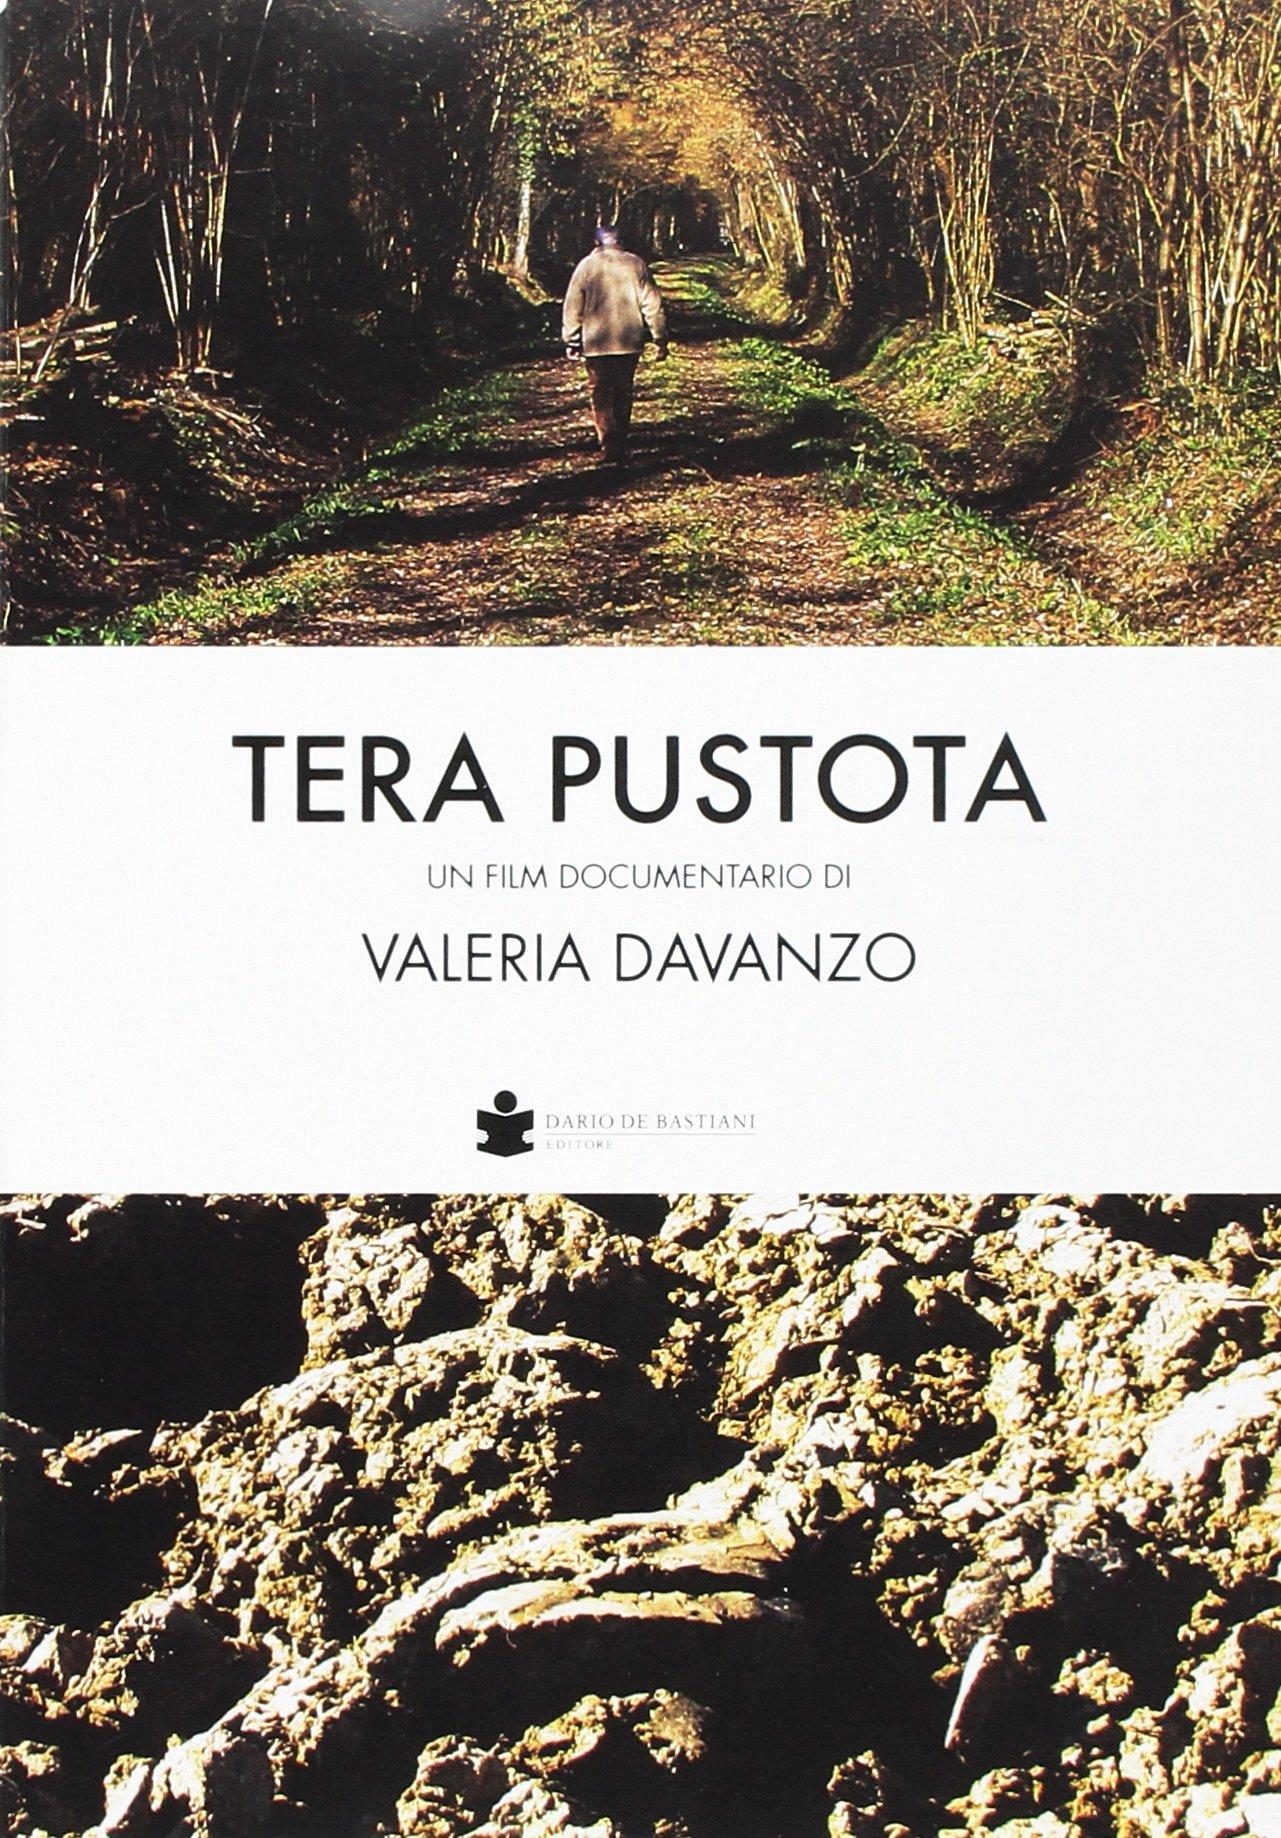 Download Tera pustota. Un film documentario di Valeria Davanzo. [Con DVD]. ebook